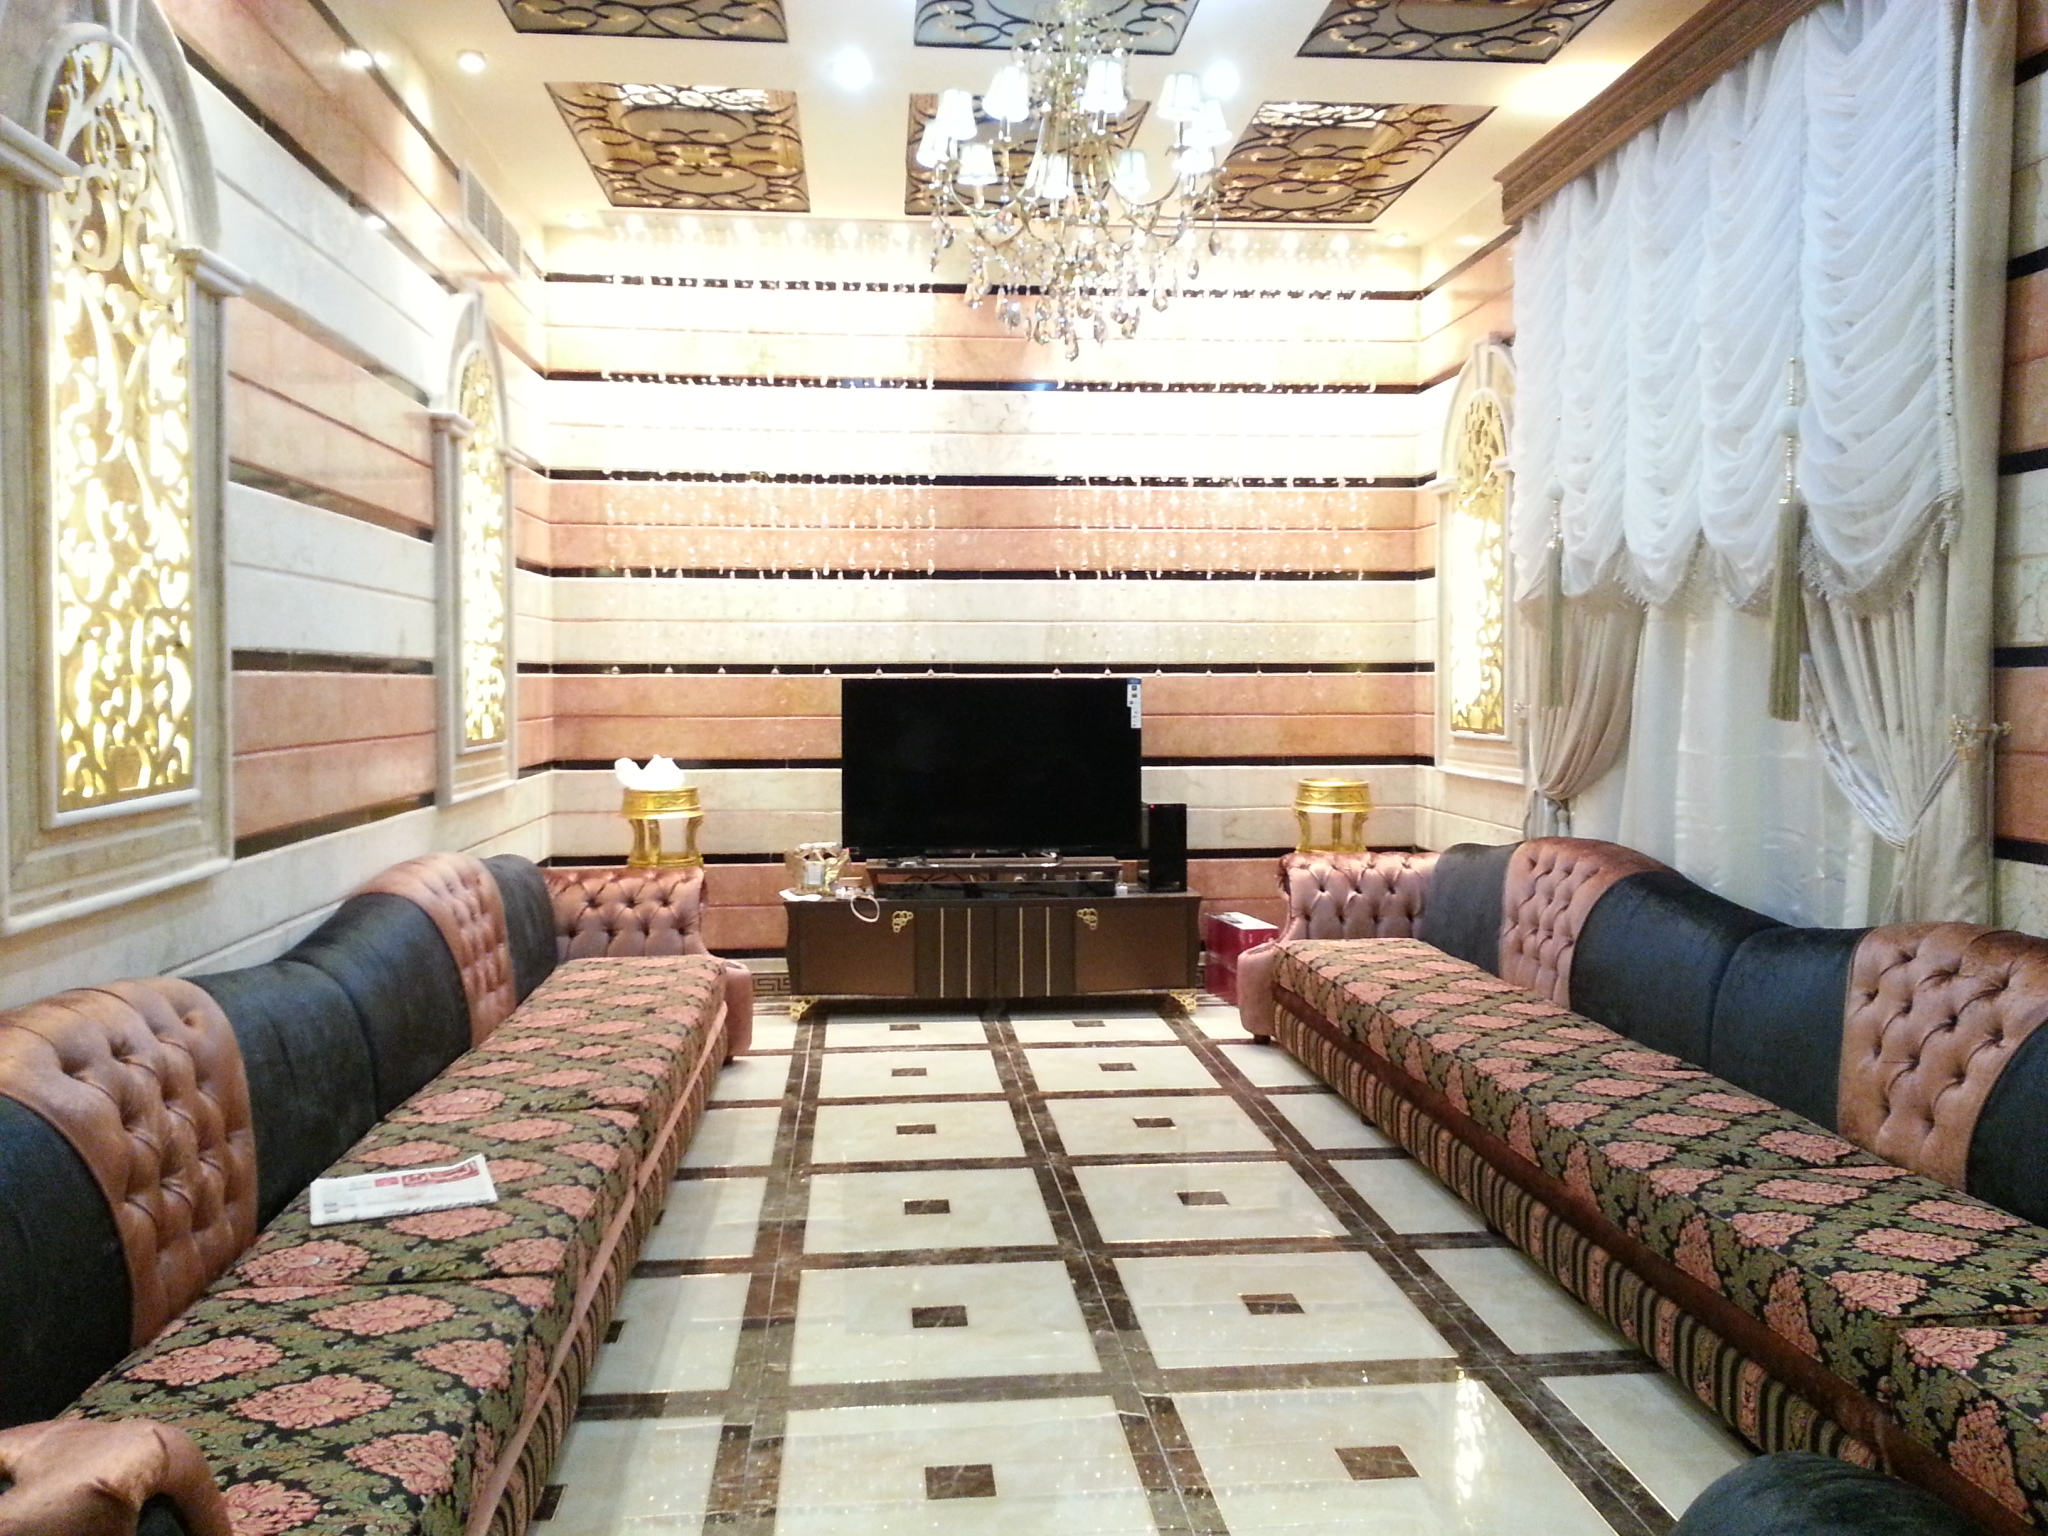 صورة المجالس العربية الملكية